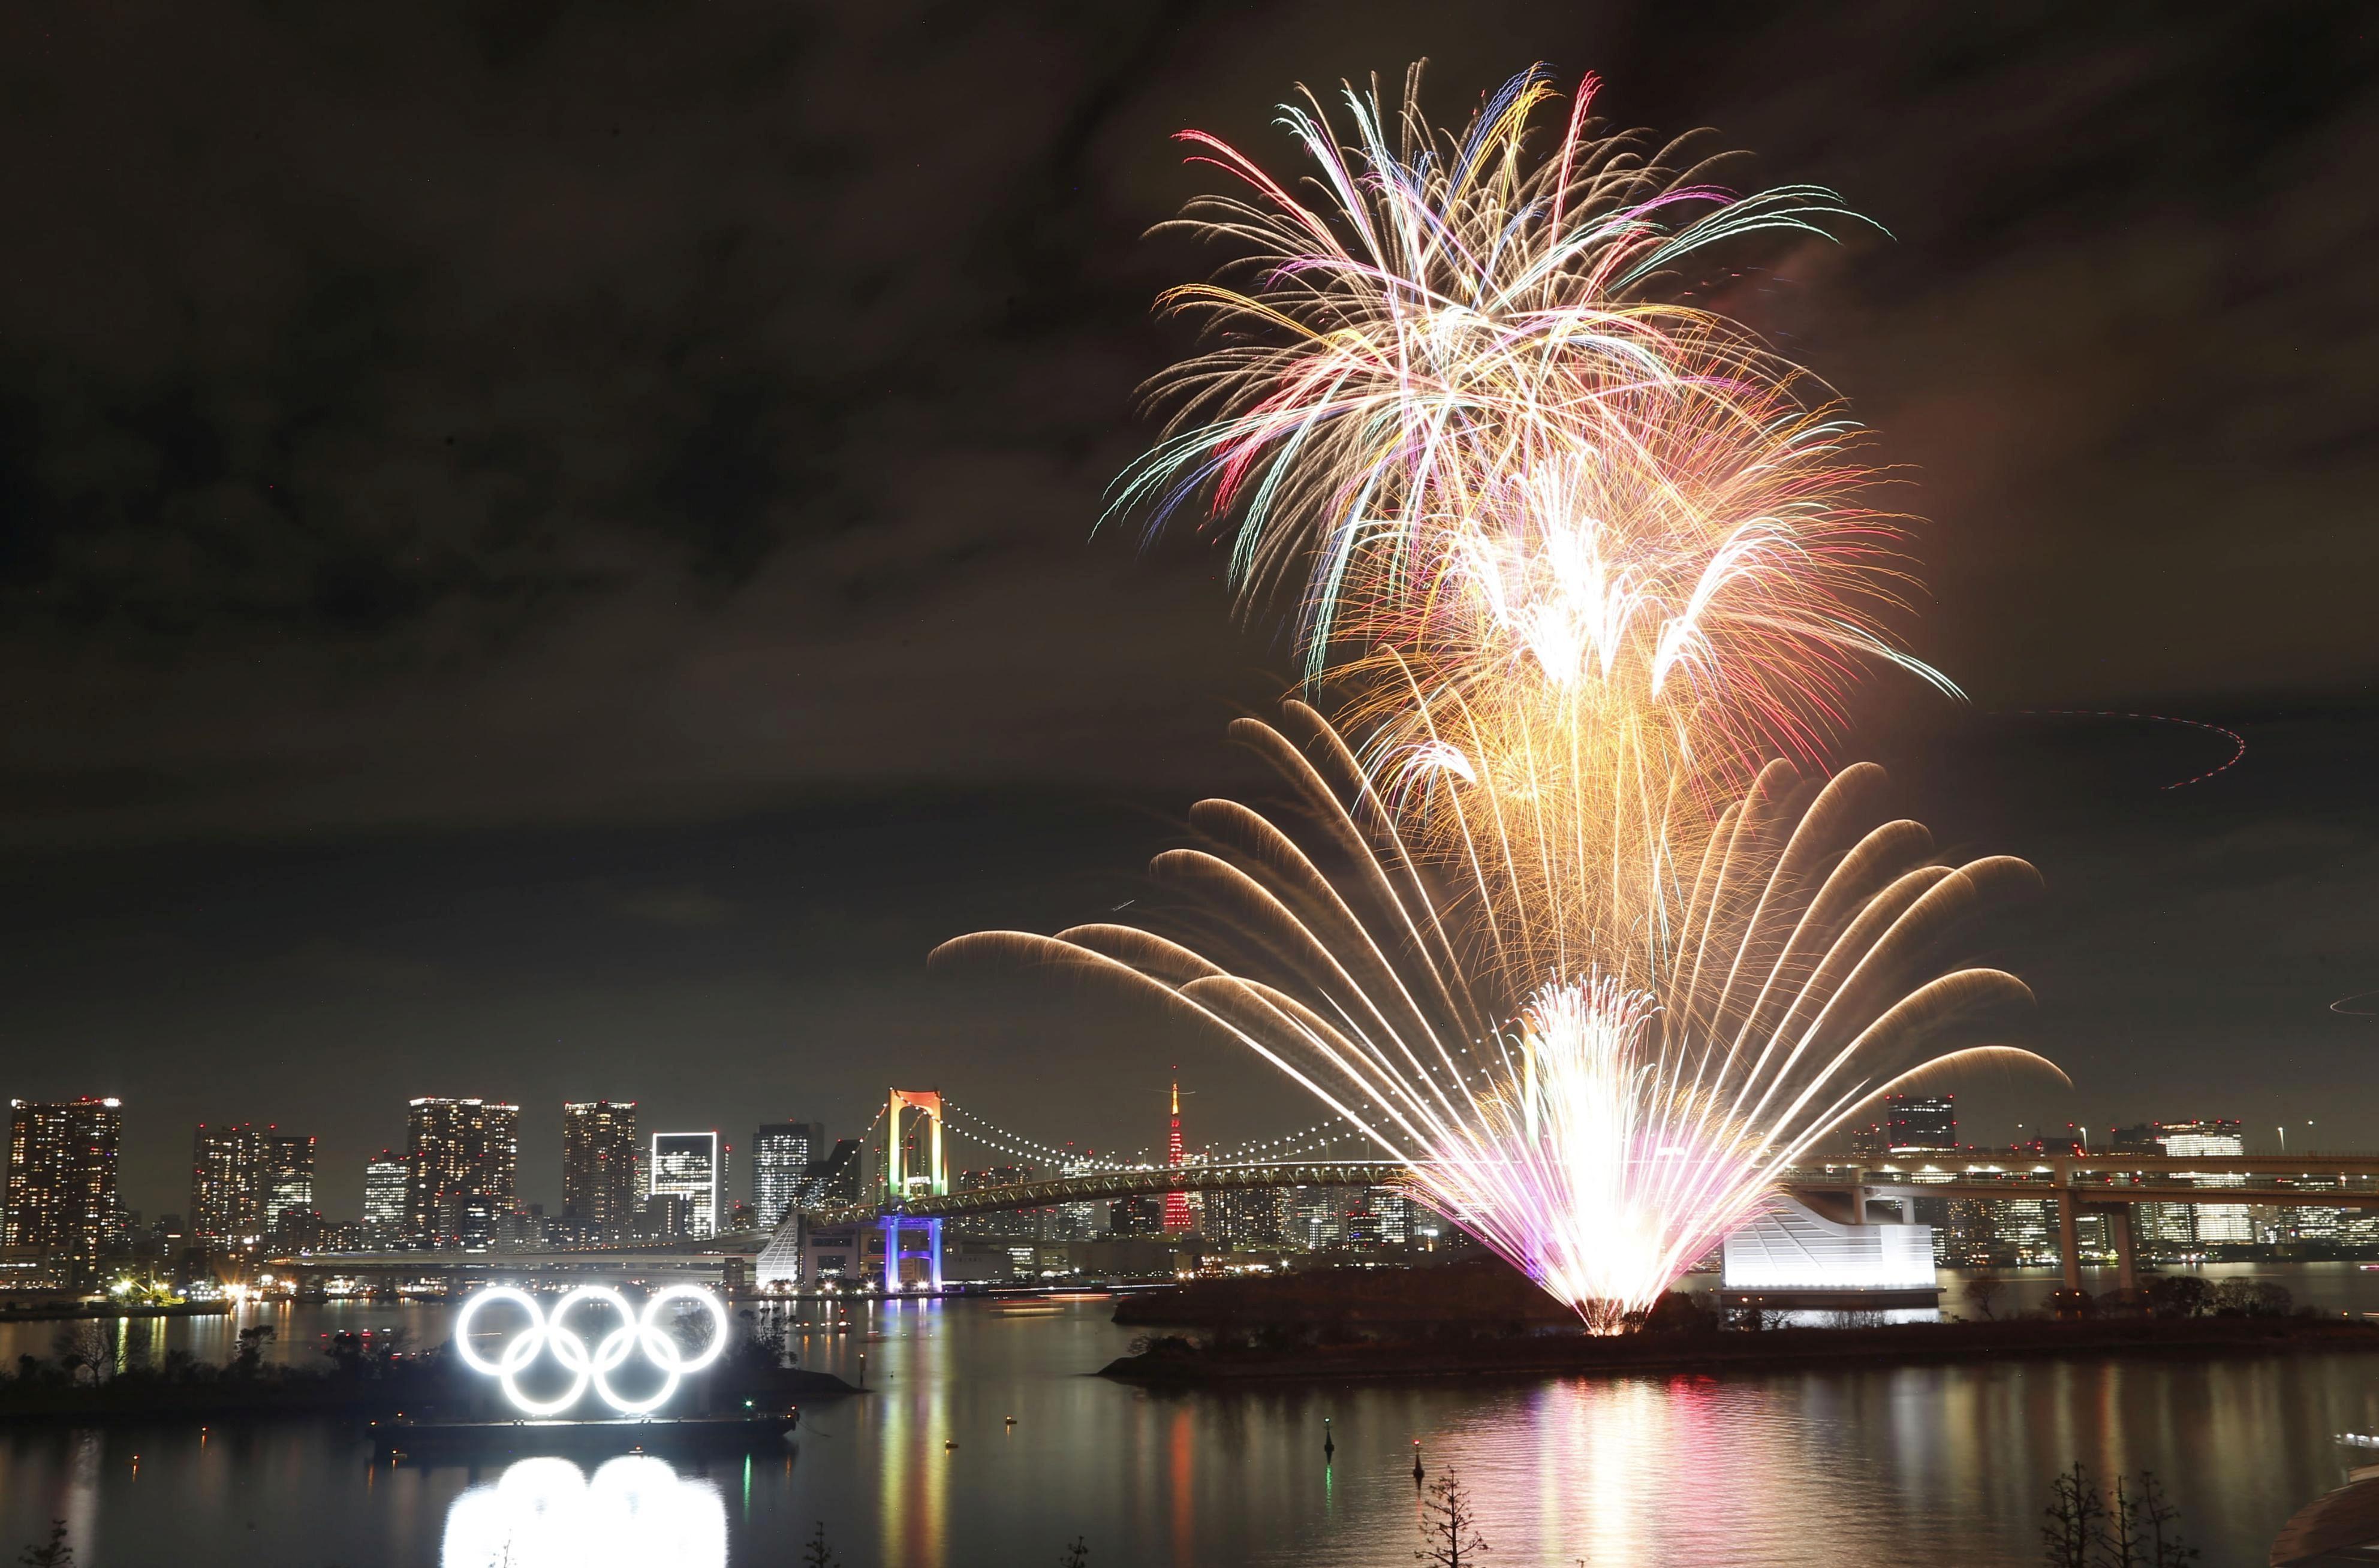 Ασυνήθιστες, οι επίσημες αφίσες των Ολυμπιακών του Τόκιο 2020